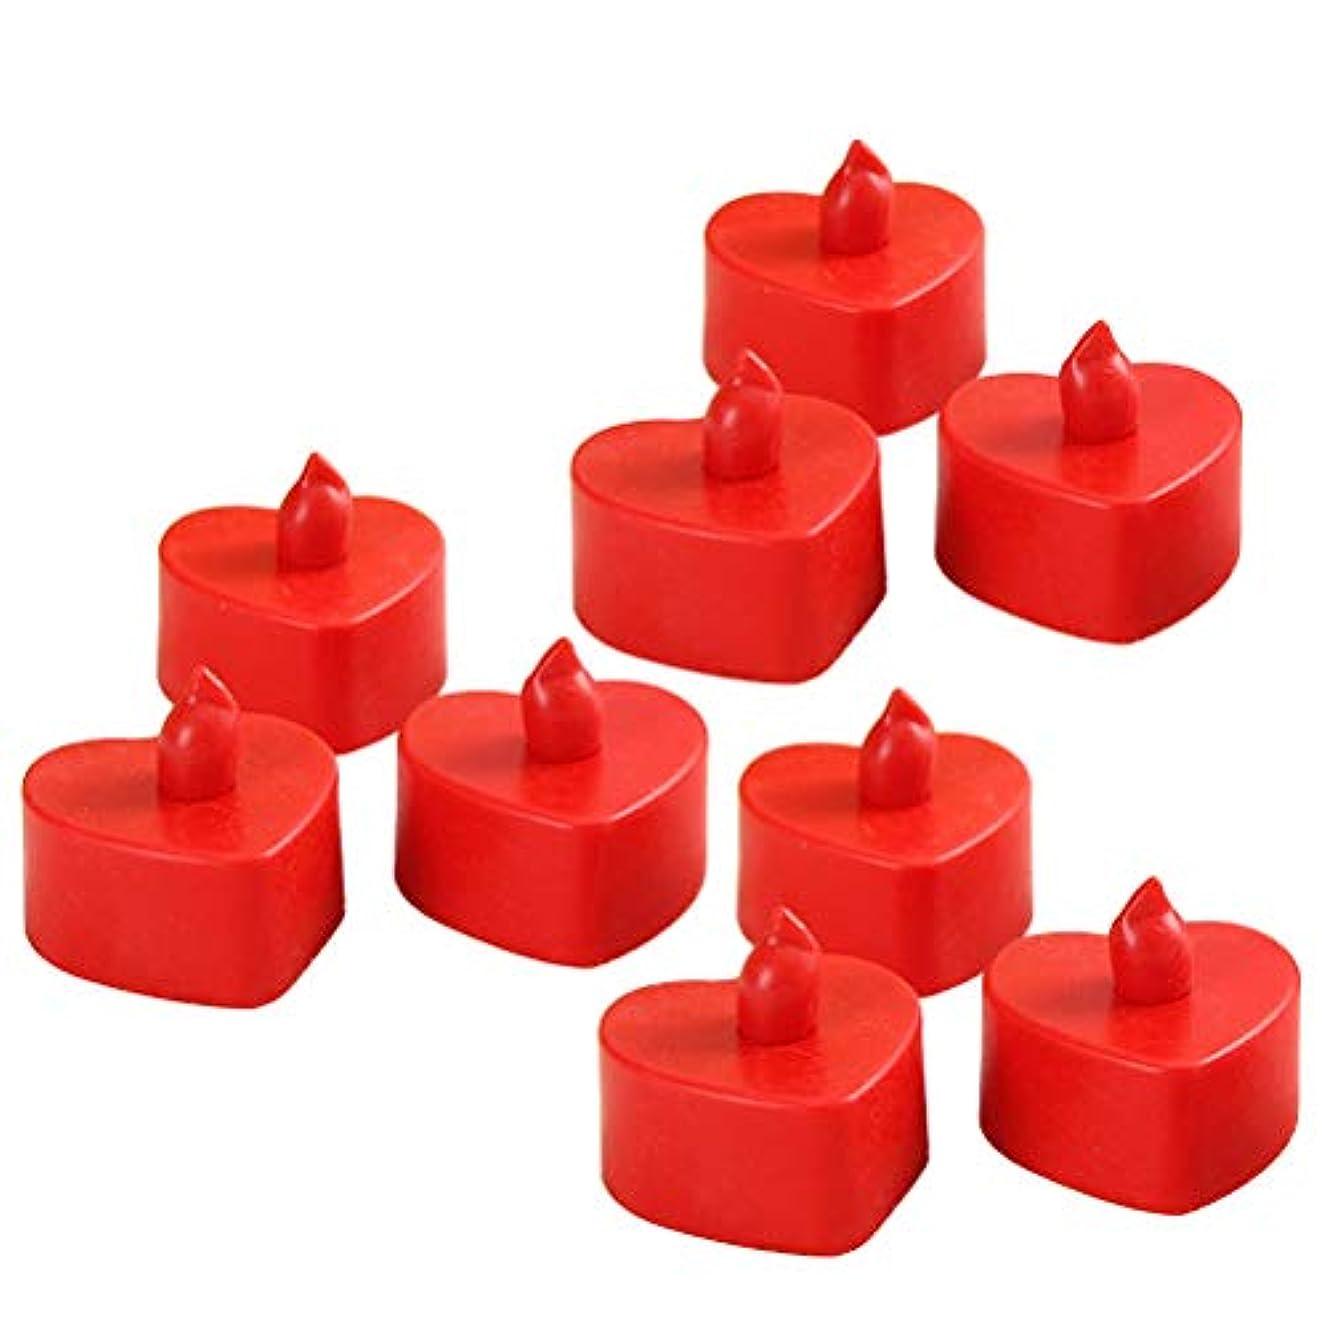 引き出す欠員盲目BESTOYARD 10個のLed茶色のライトは、電池で作動するFlameless Tealightキャンドル暖かい黄色のライトライトハートシェイプクリスマスのウェディングパーティの装飾(赤いシェル、赤い光)